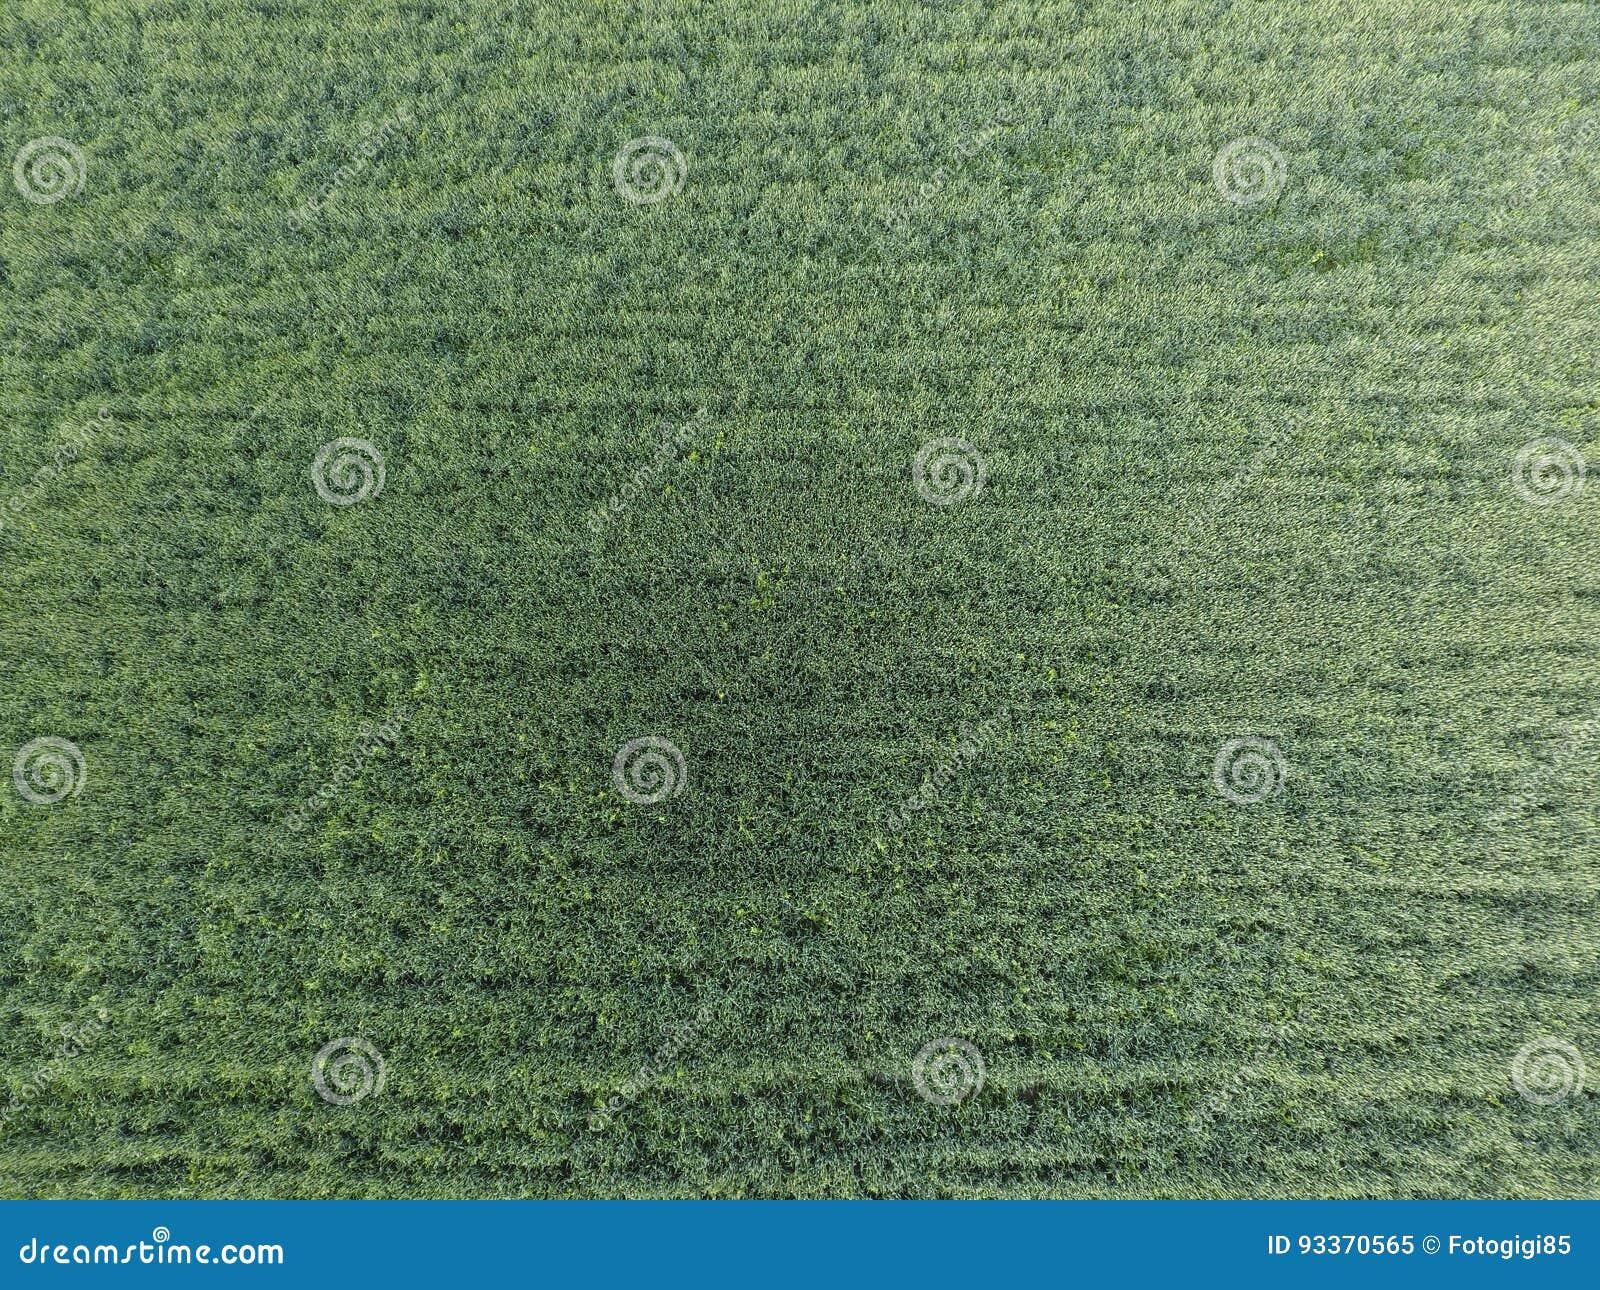 Σύσταση του τομέα σίτου Υπόβαθρο του νέου πράσινου σίτου στον τομέα Φωτογραφία από το quadrocopter Εναέρια φωτογραφία του τομέα σ